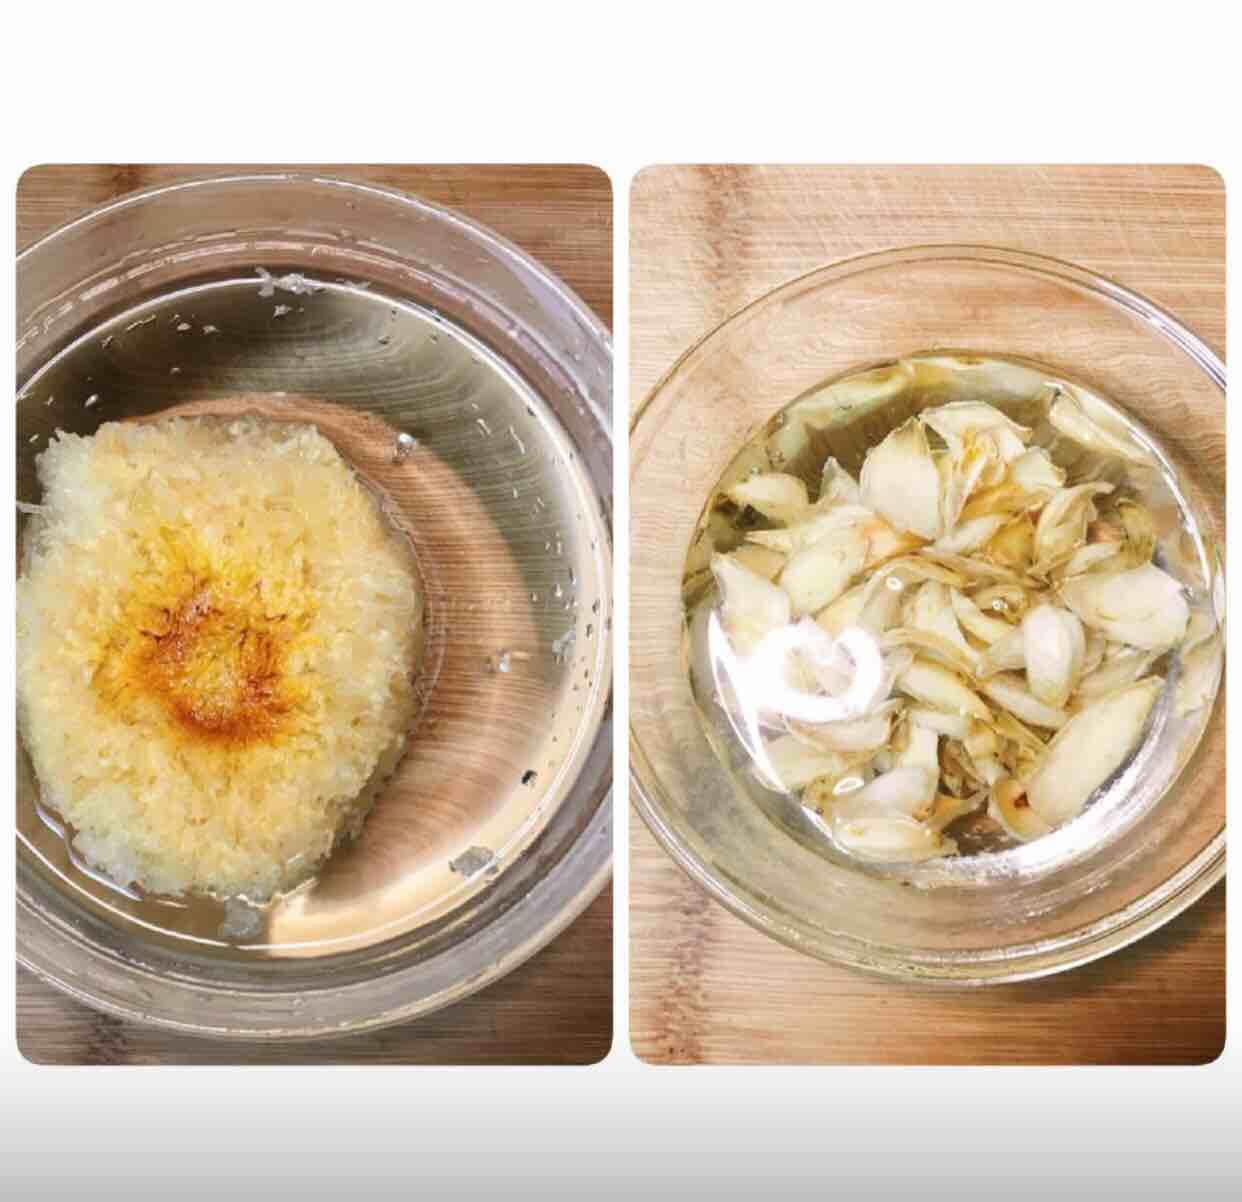 桃胶皂角百合银耳红枣羮的家常做法